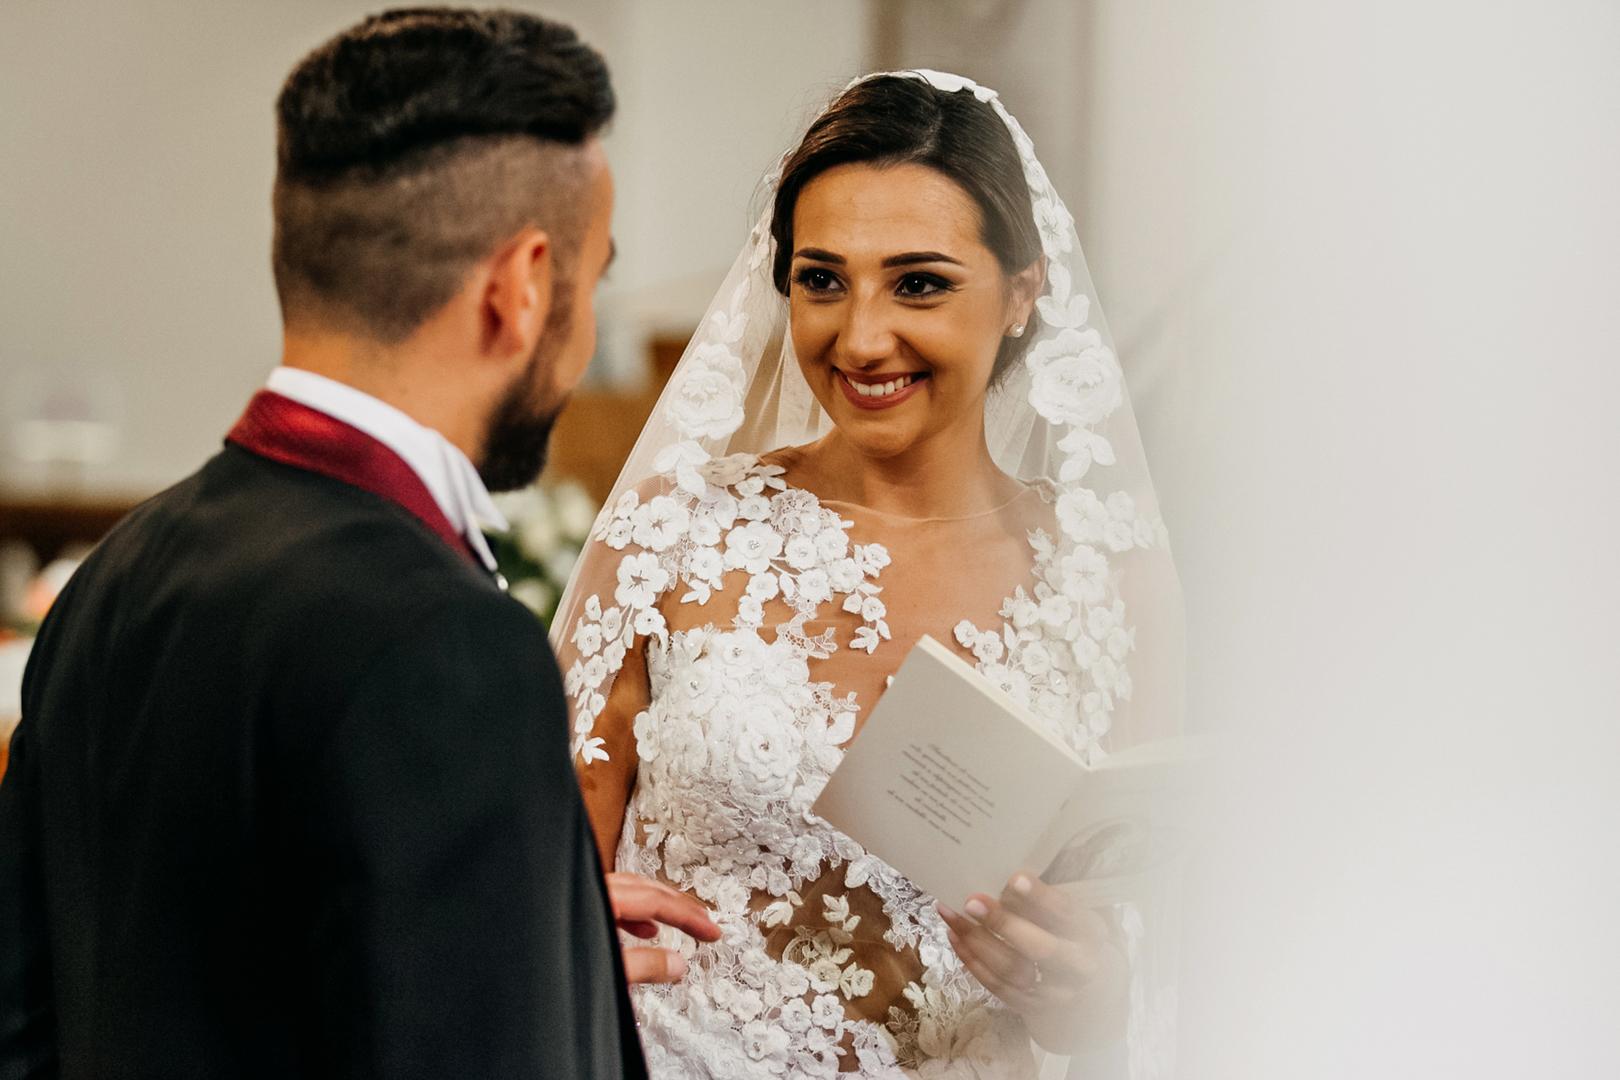 35 gianni-lepore-chiesa-scambio-fedi-duomo-puglia-italia-matrimonio